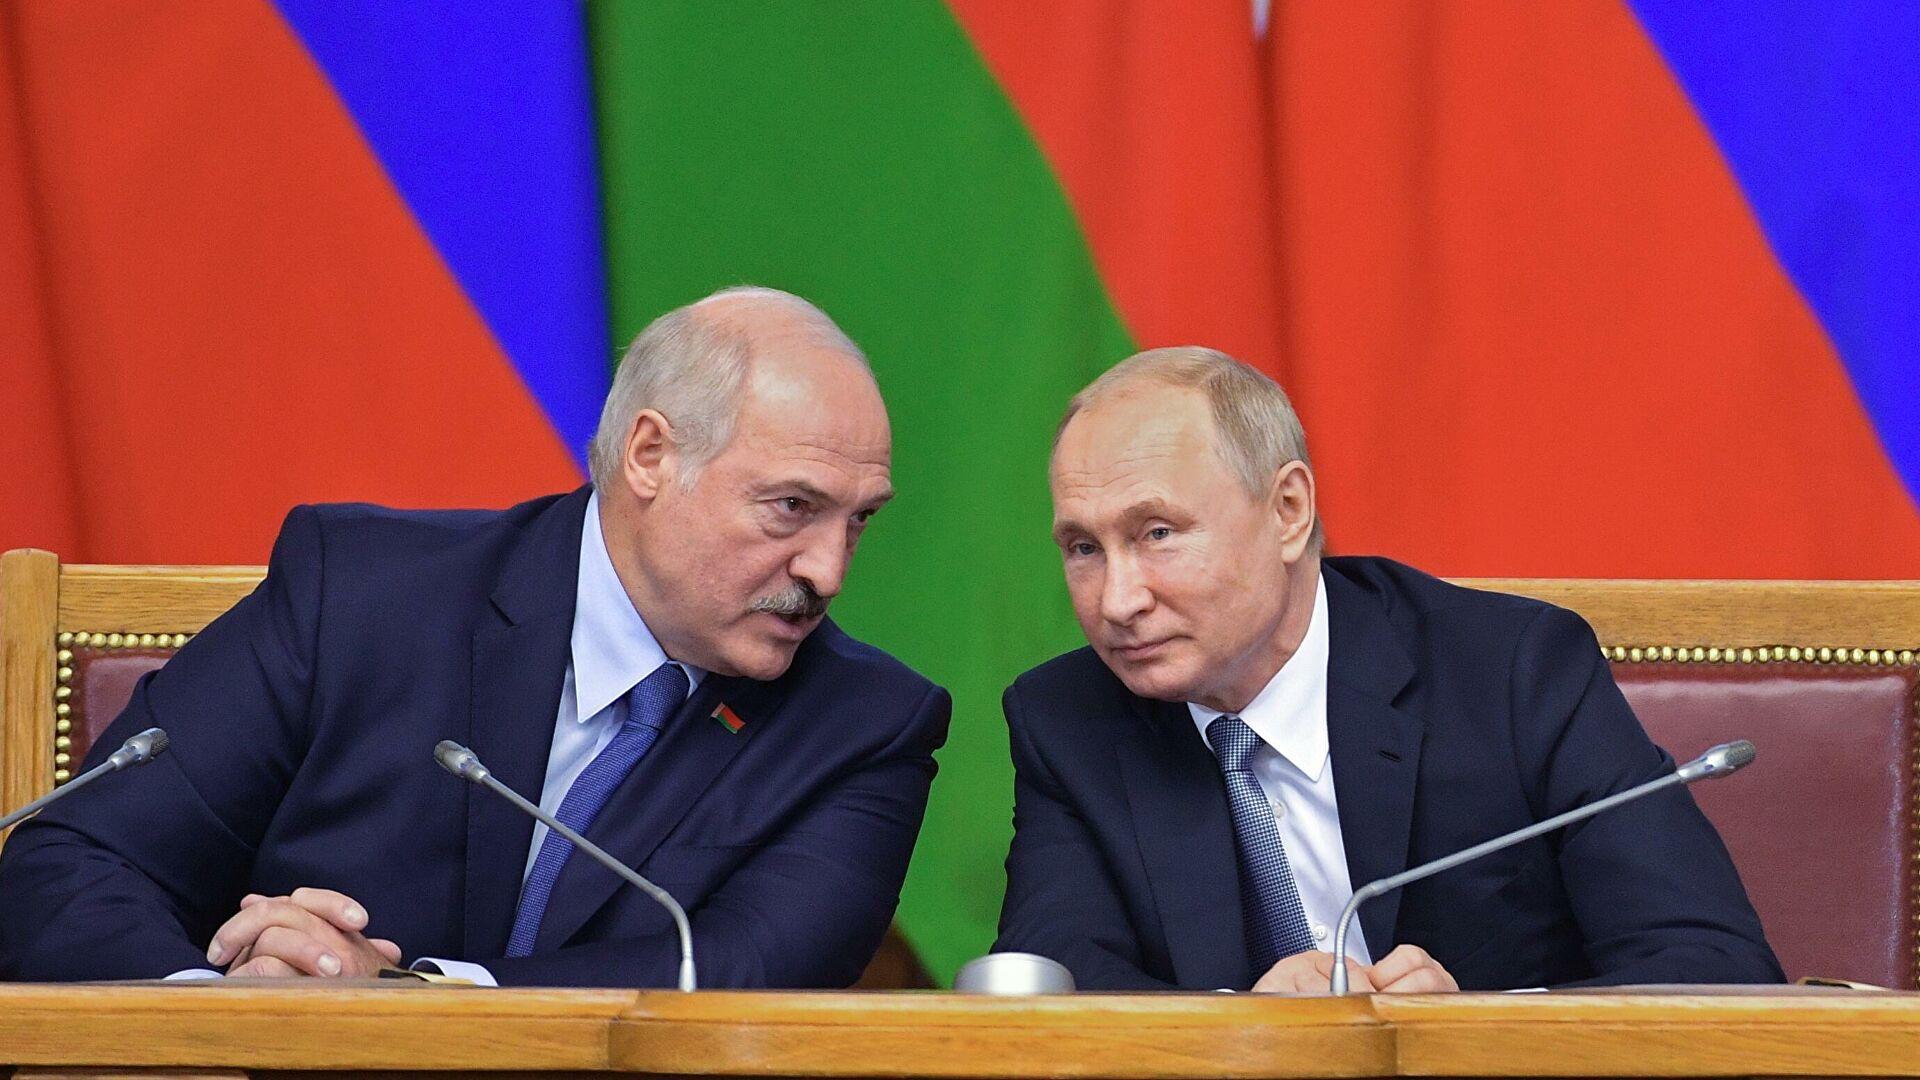 Rusija i Belorusija za dalje svestrano jačanje savezničkih odnosa